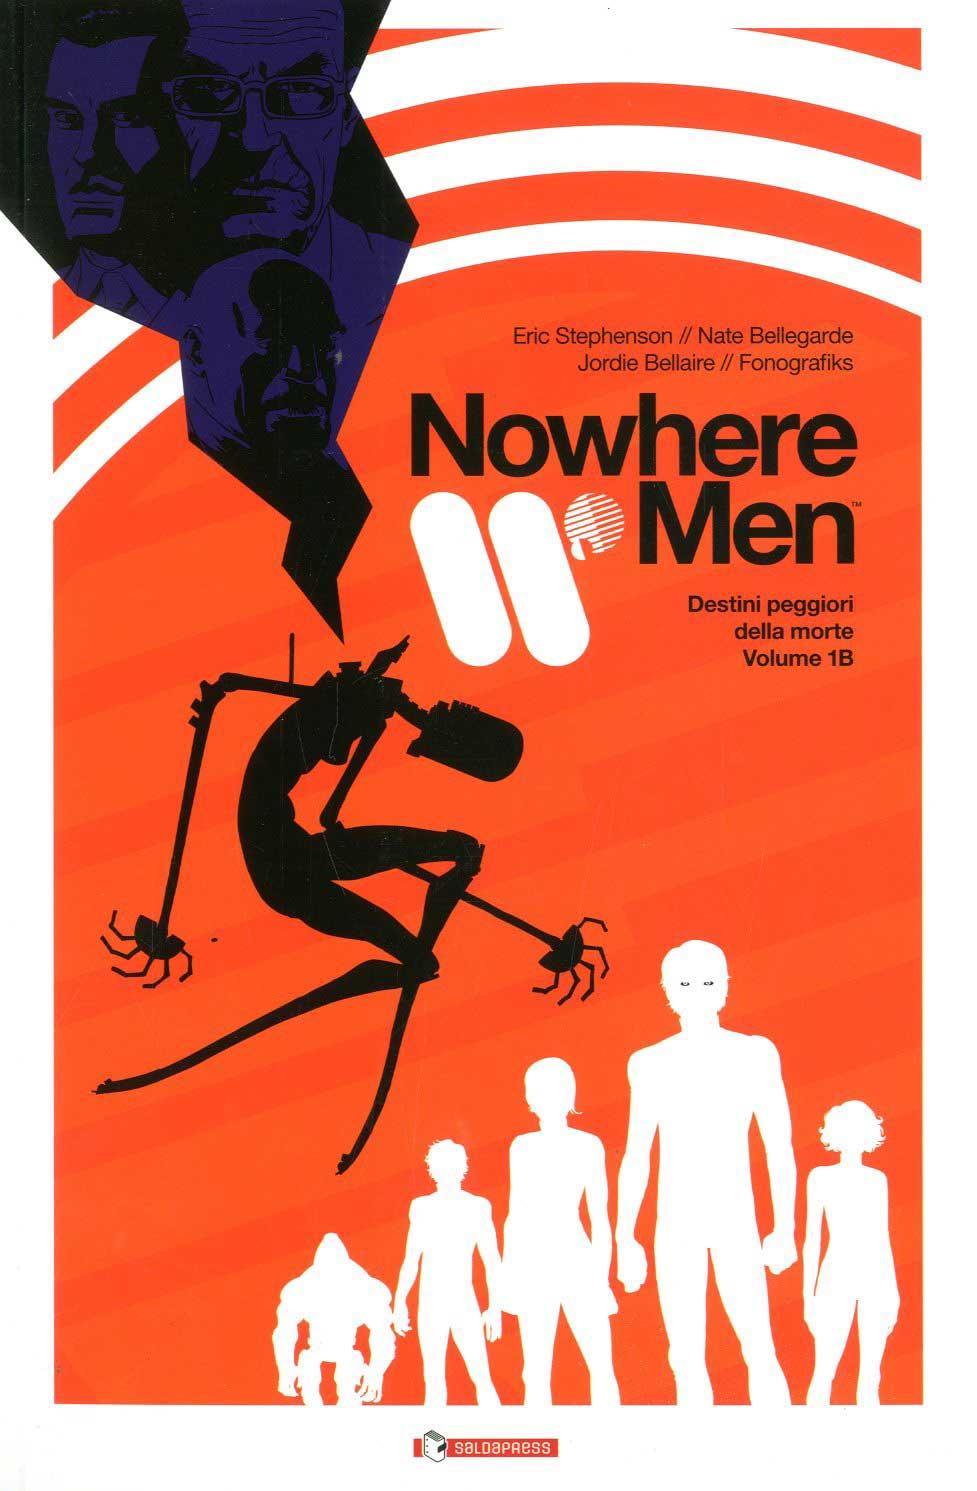 Nowhere Men vol. 1B